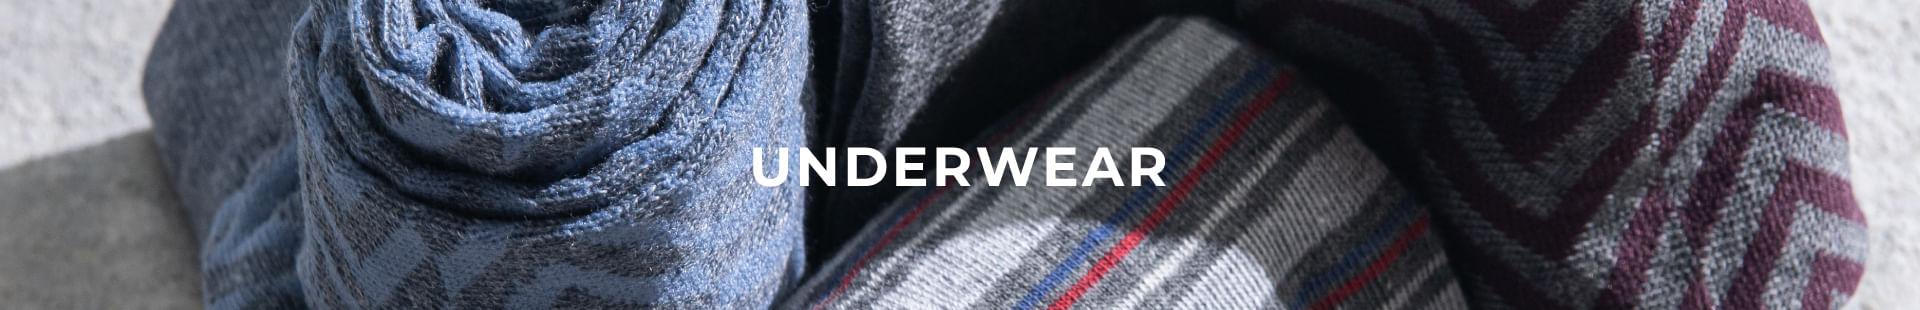 Underwear Hombre